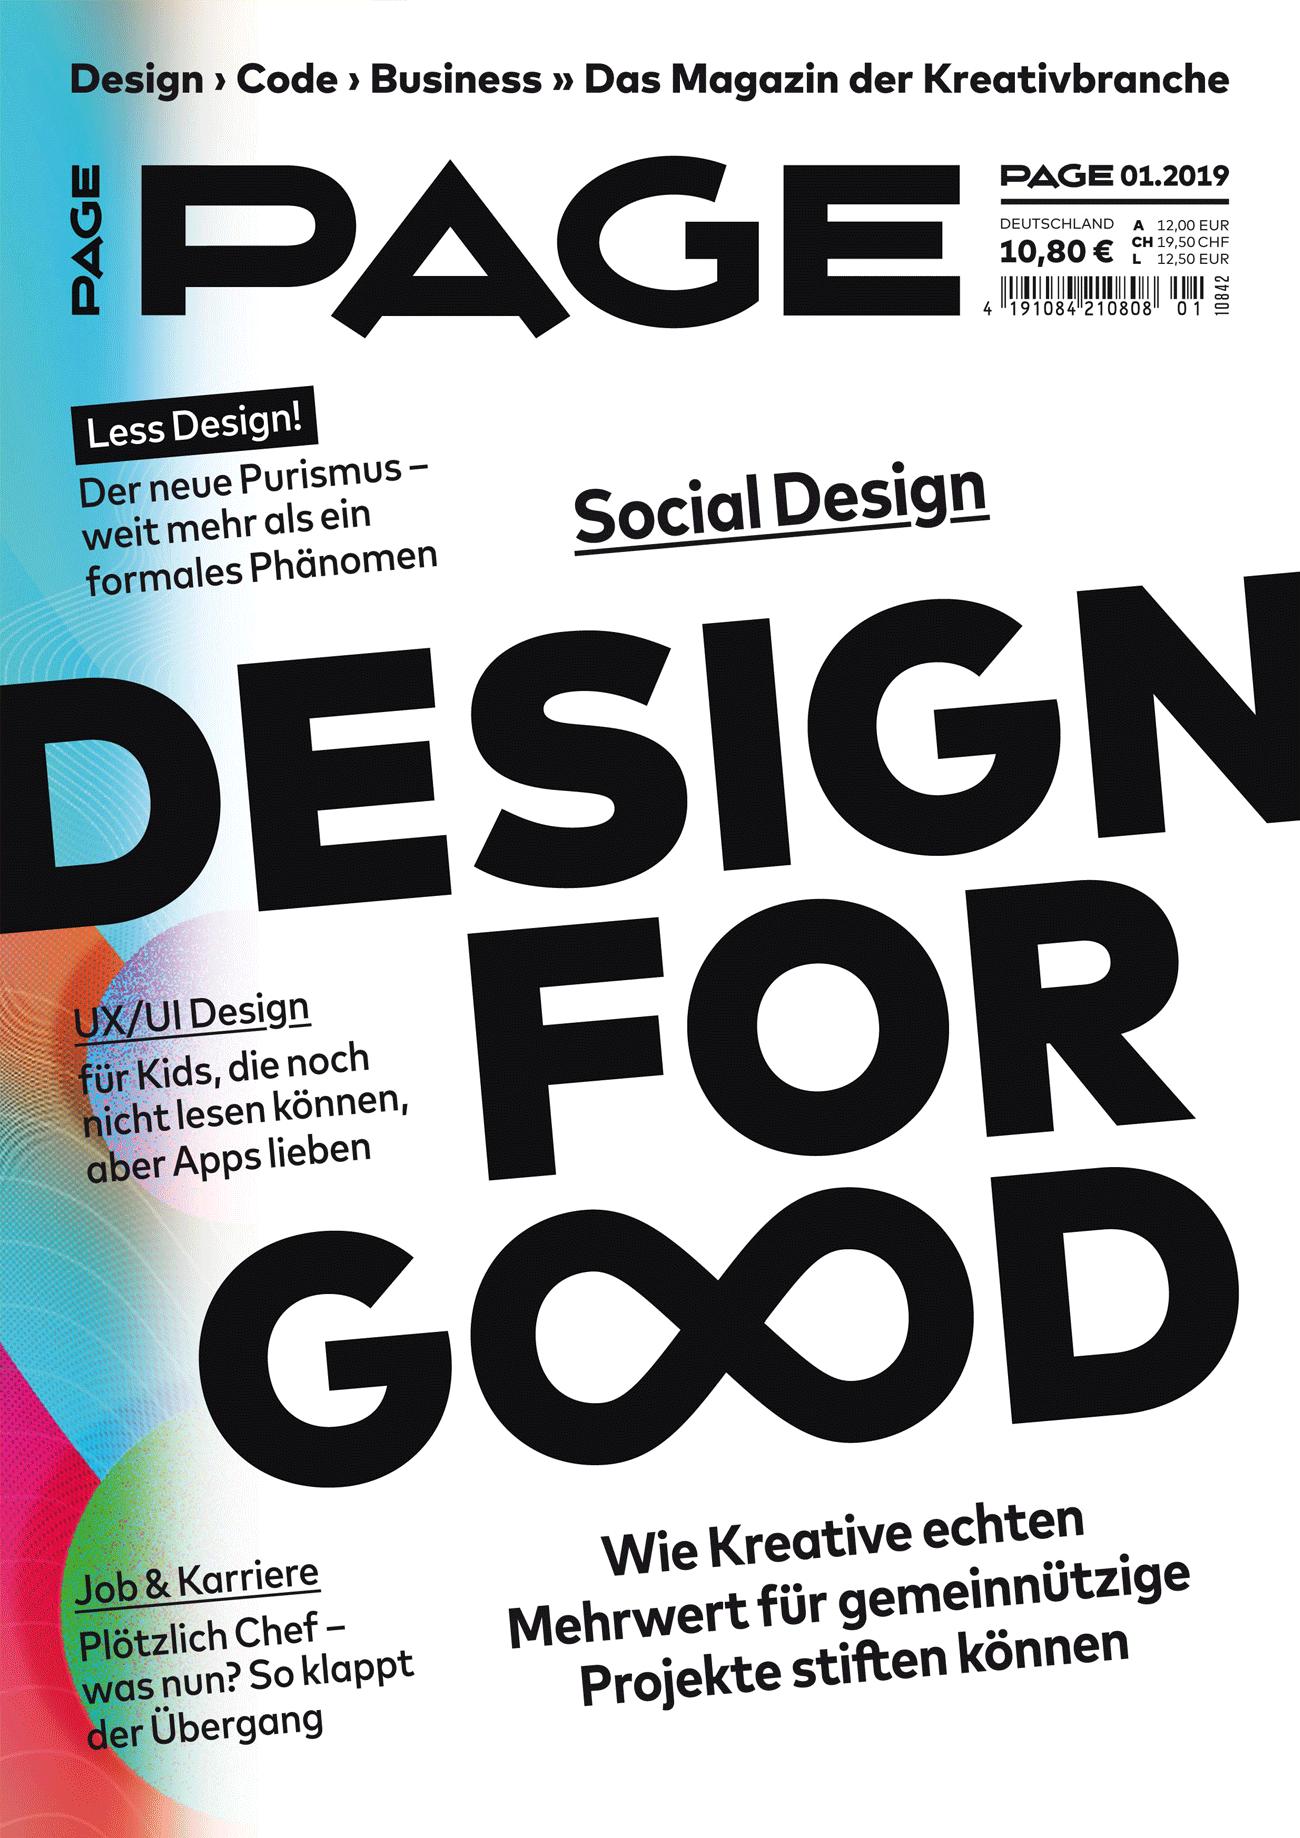 Design for Good, UX/UI für Kids, Less Design, Plötzlich chef